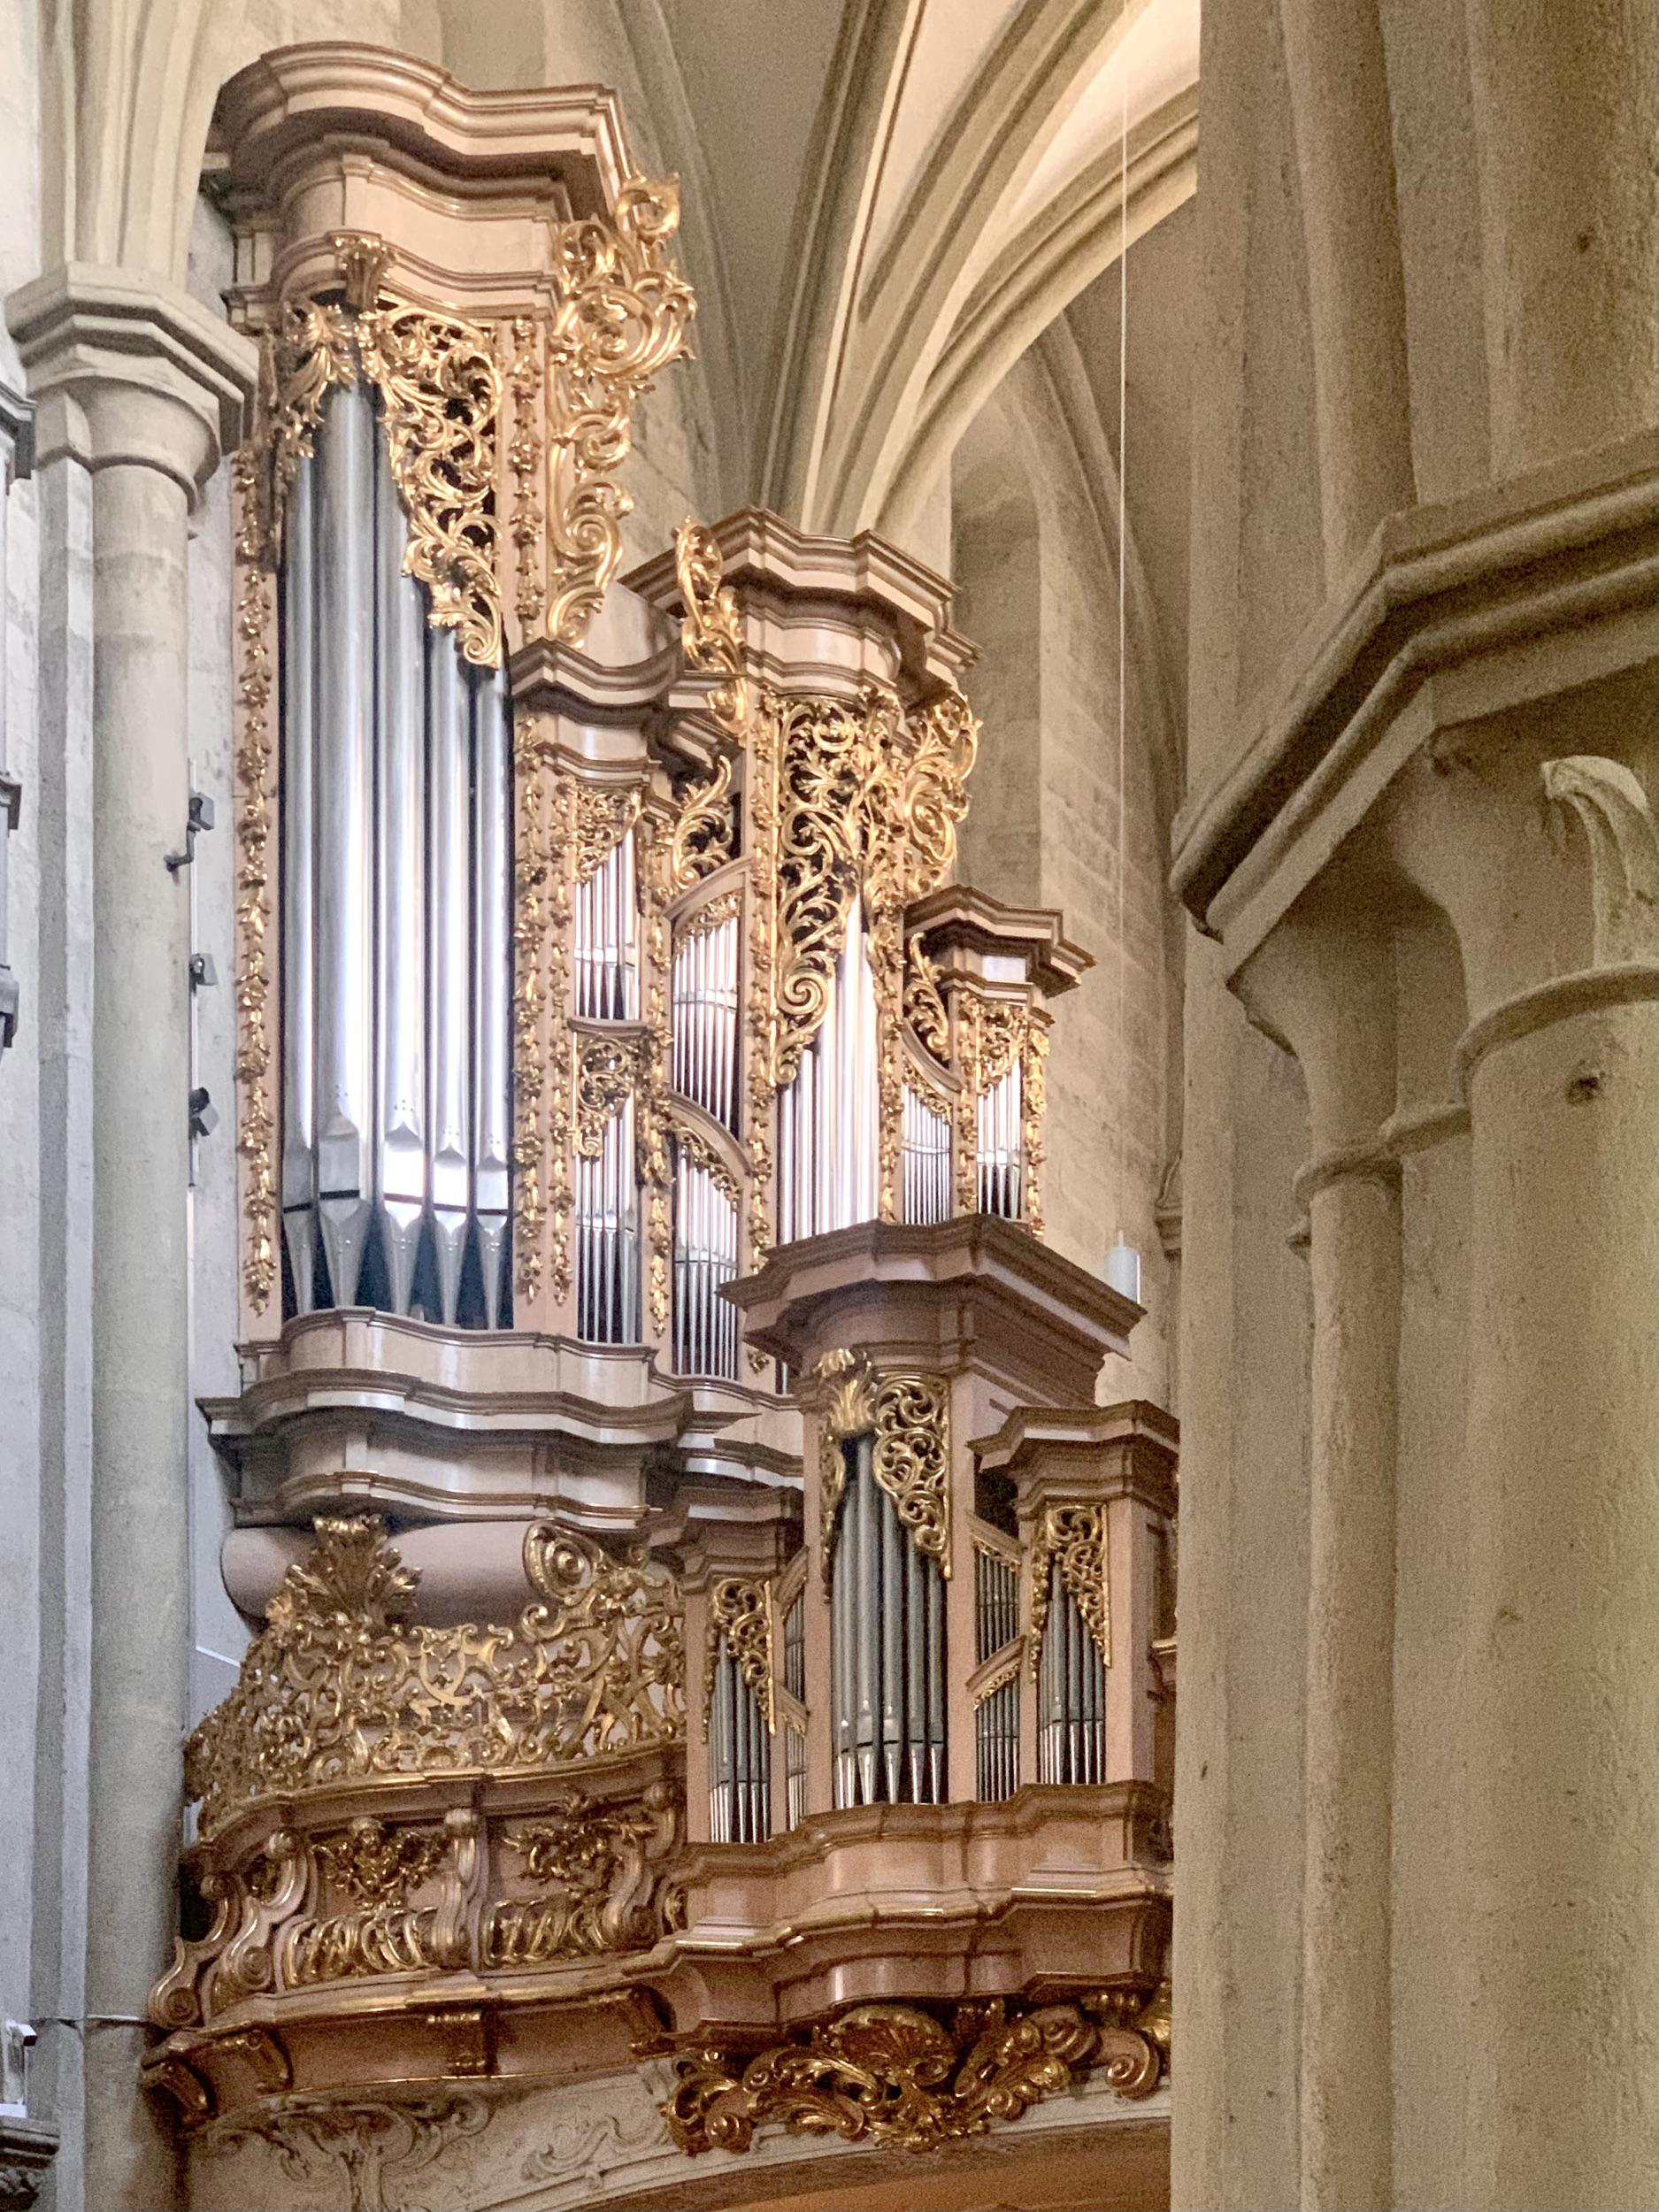 Organ at Saint Michael's Church in Vienna